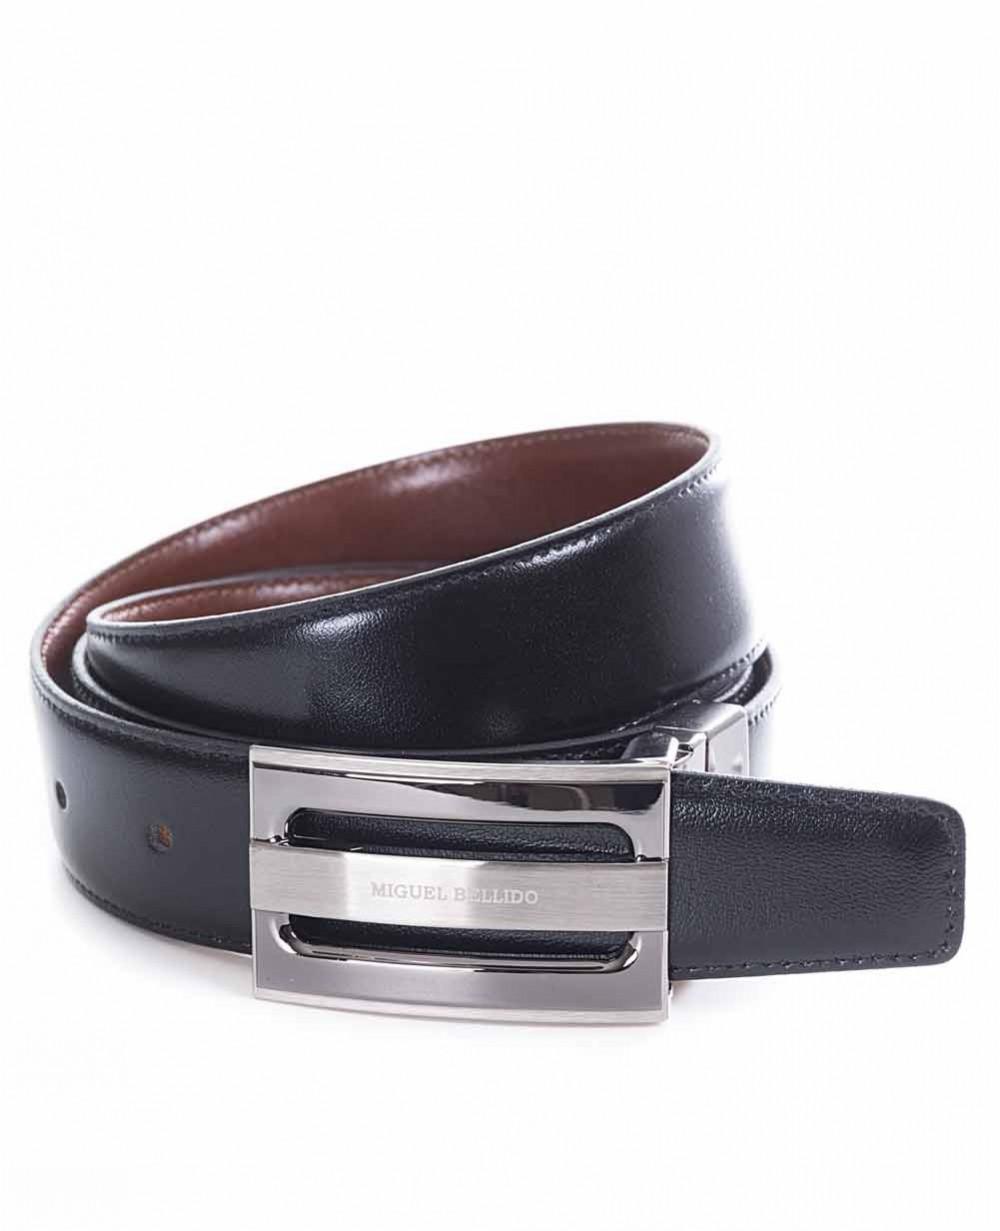 Miguel Bellido Cinturón clásico reversible Piel Negro/Marrón 110 (Foto )